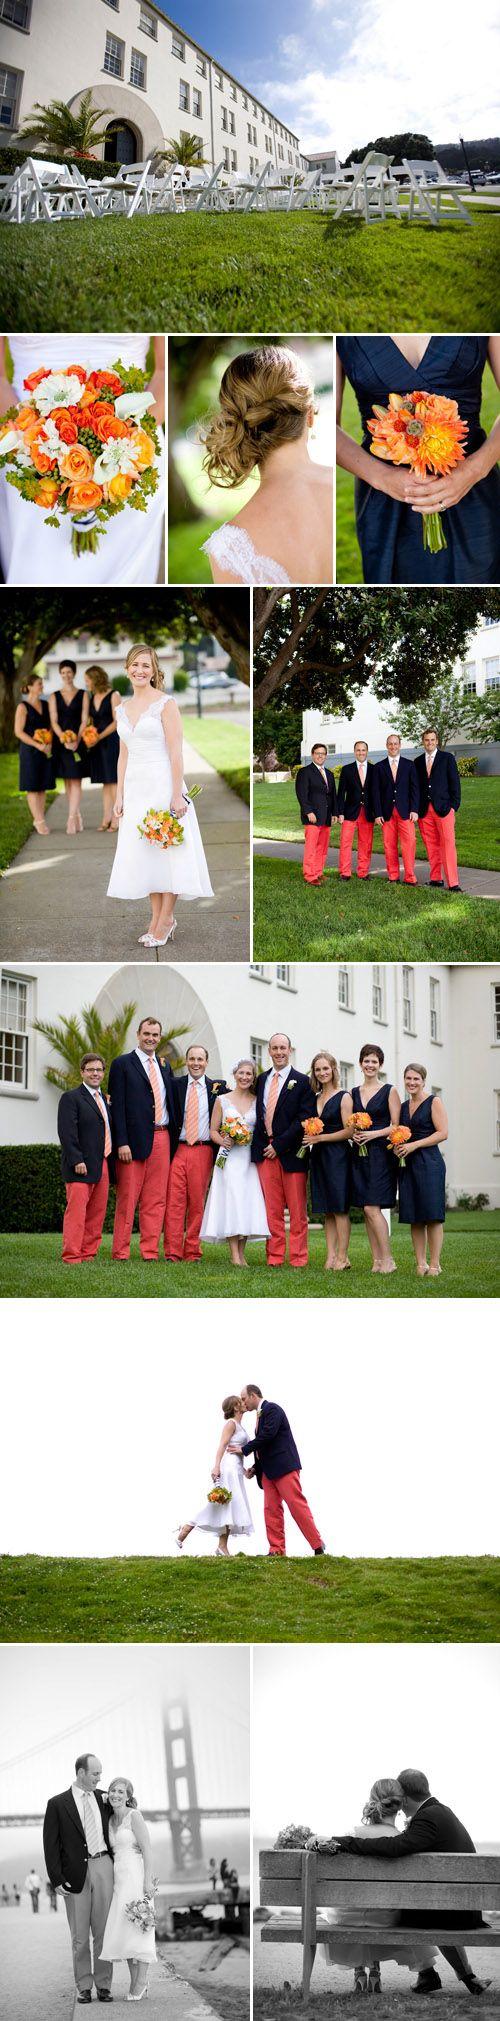 Orange and Navy Blue Presidio, San Francisco Wedding Style - Nicole and Wyatt - Junebug's Wedding Blog - Celebrating the Best in Wedding Style, Fashion, Photography and Decor